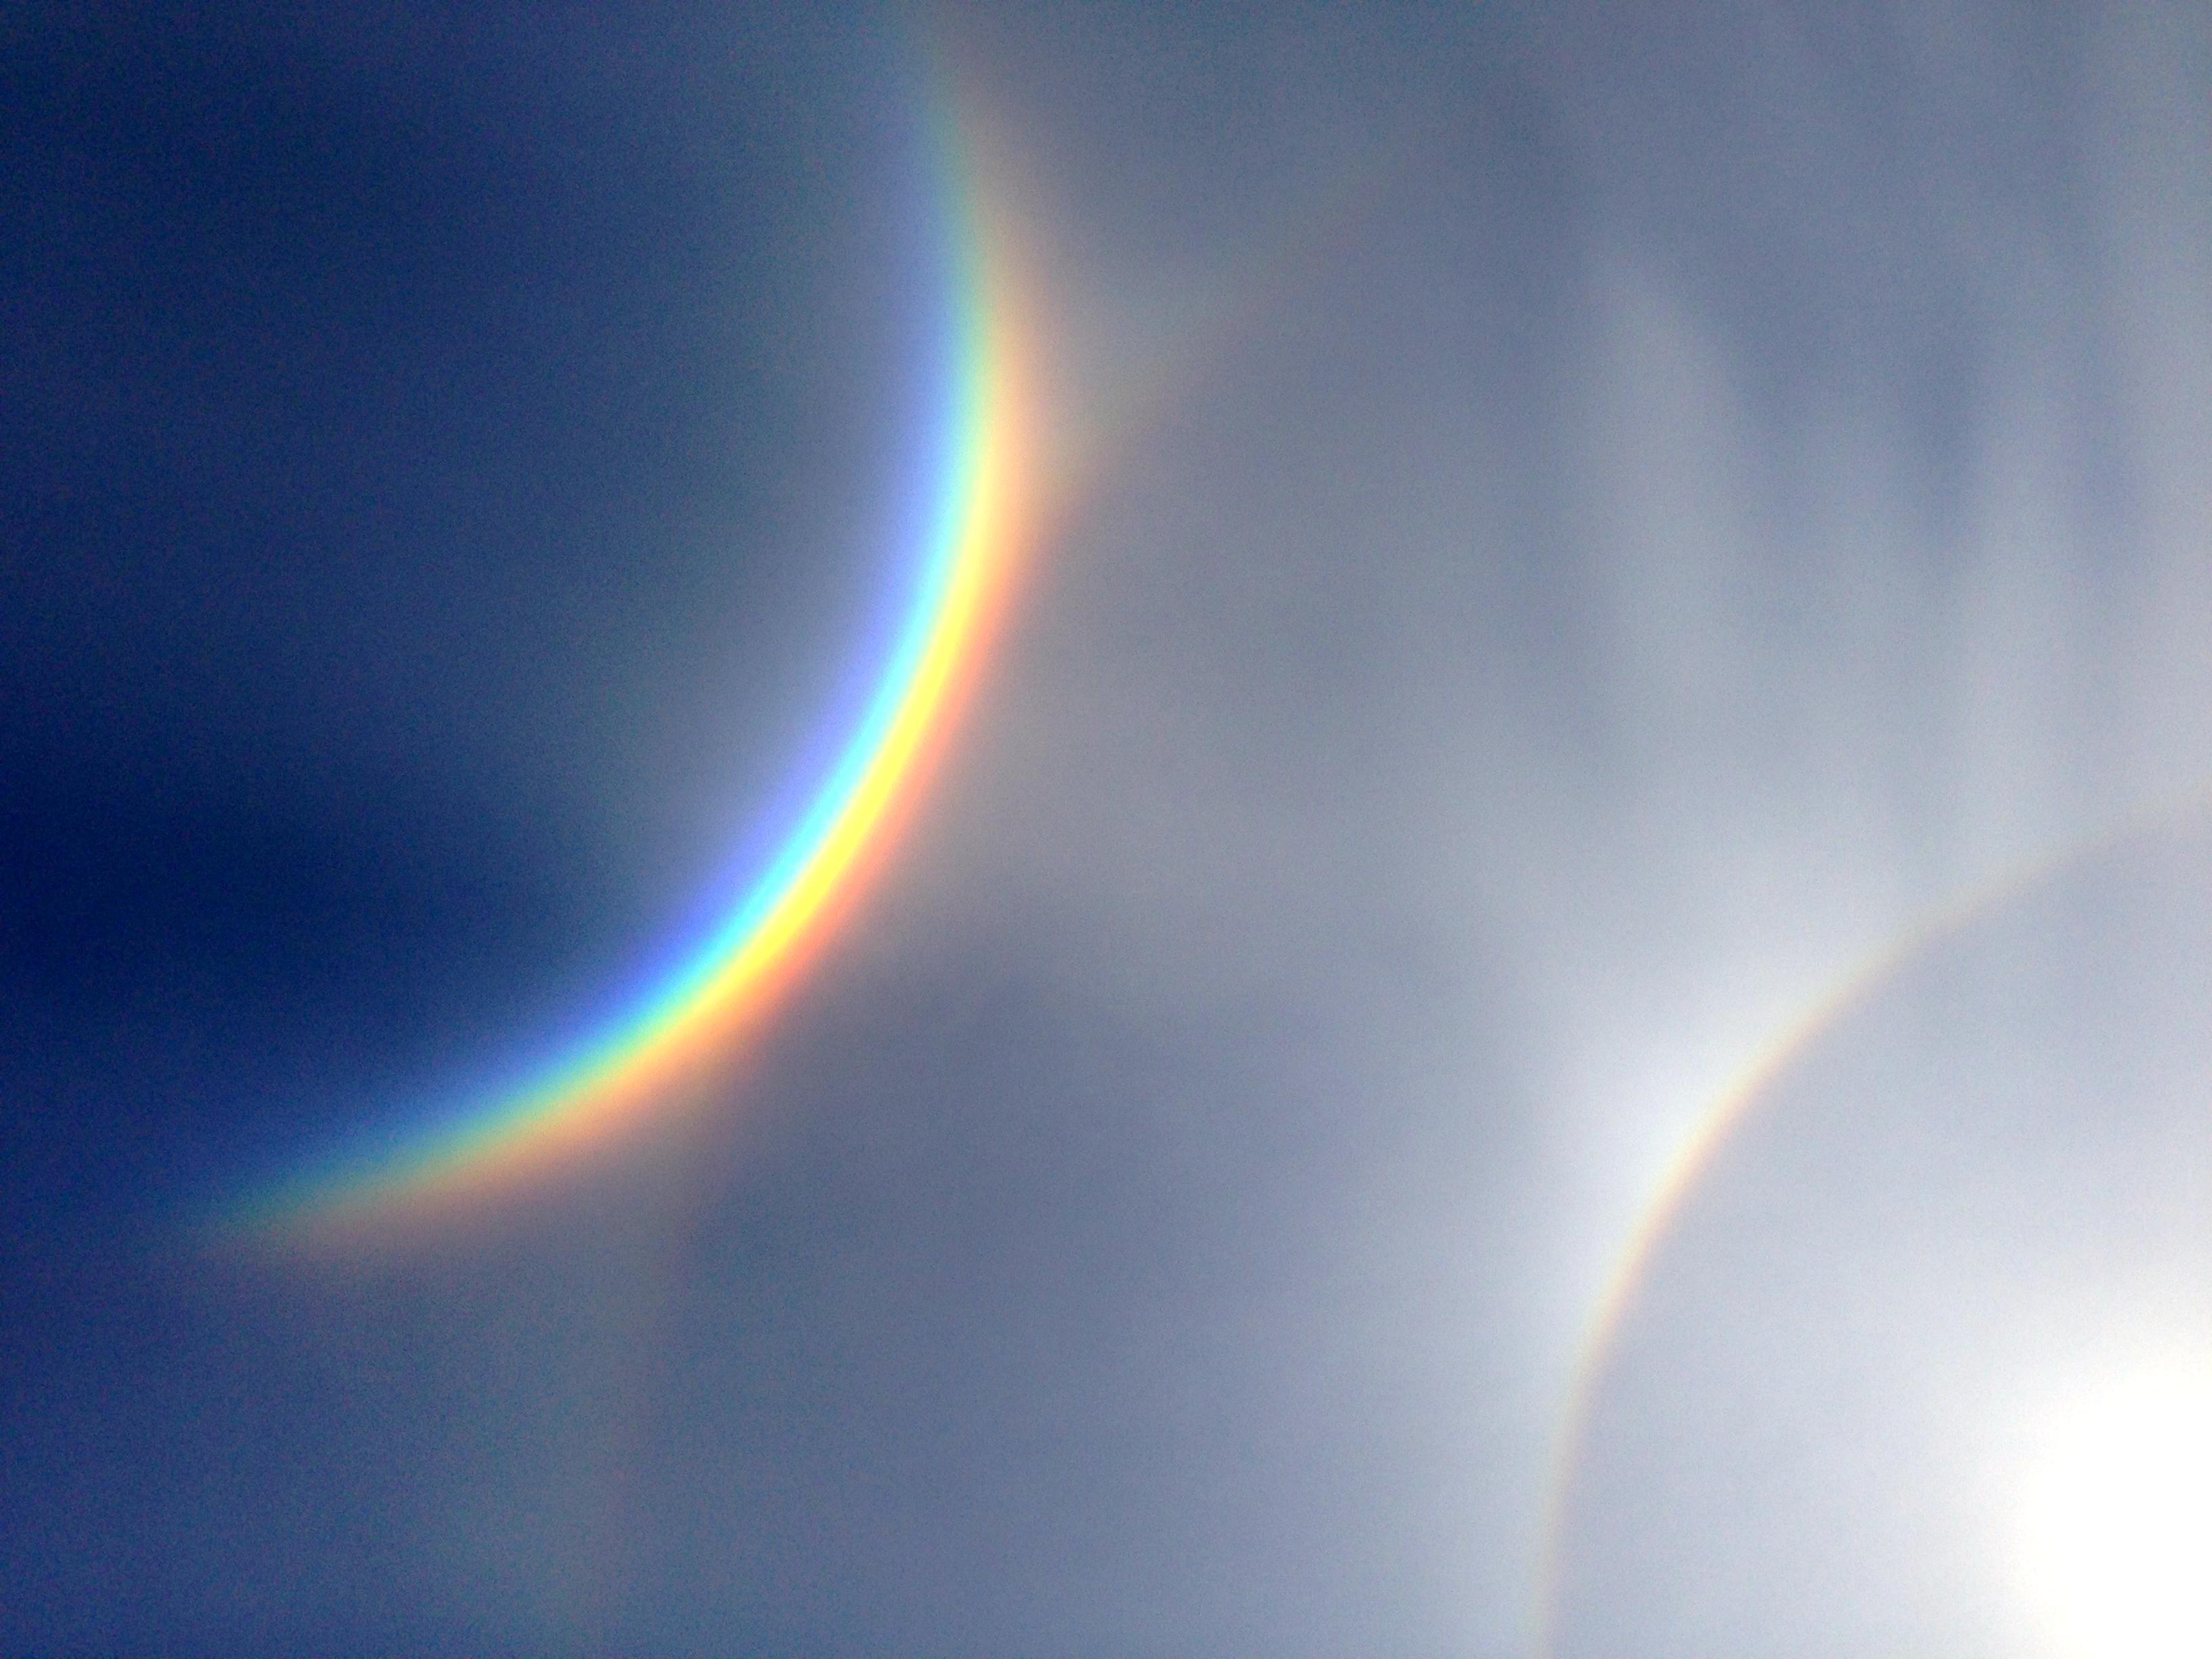 中空の鏡虹